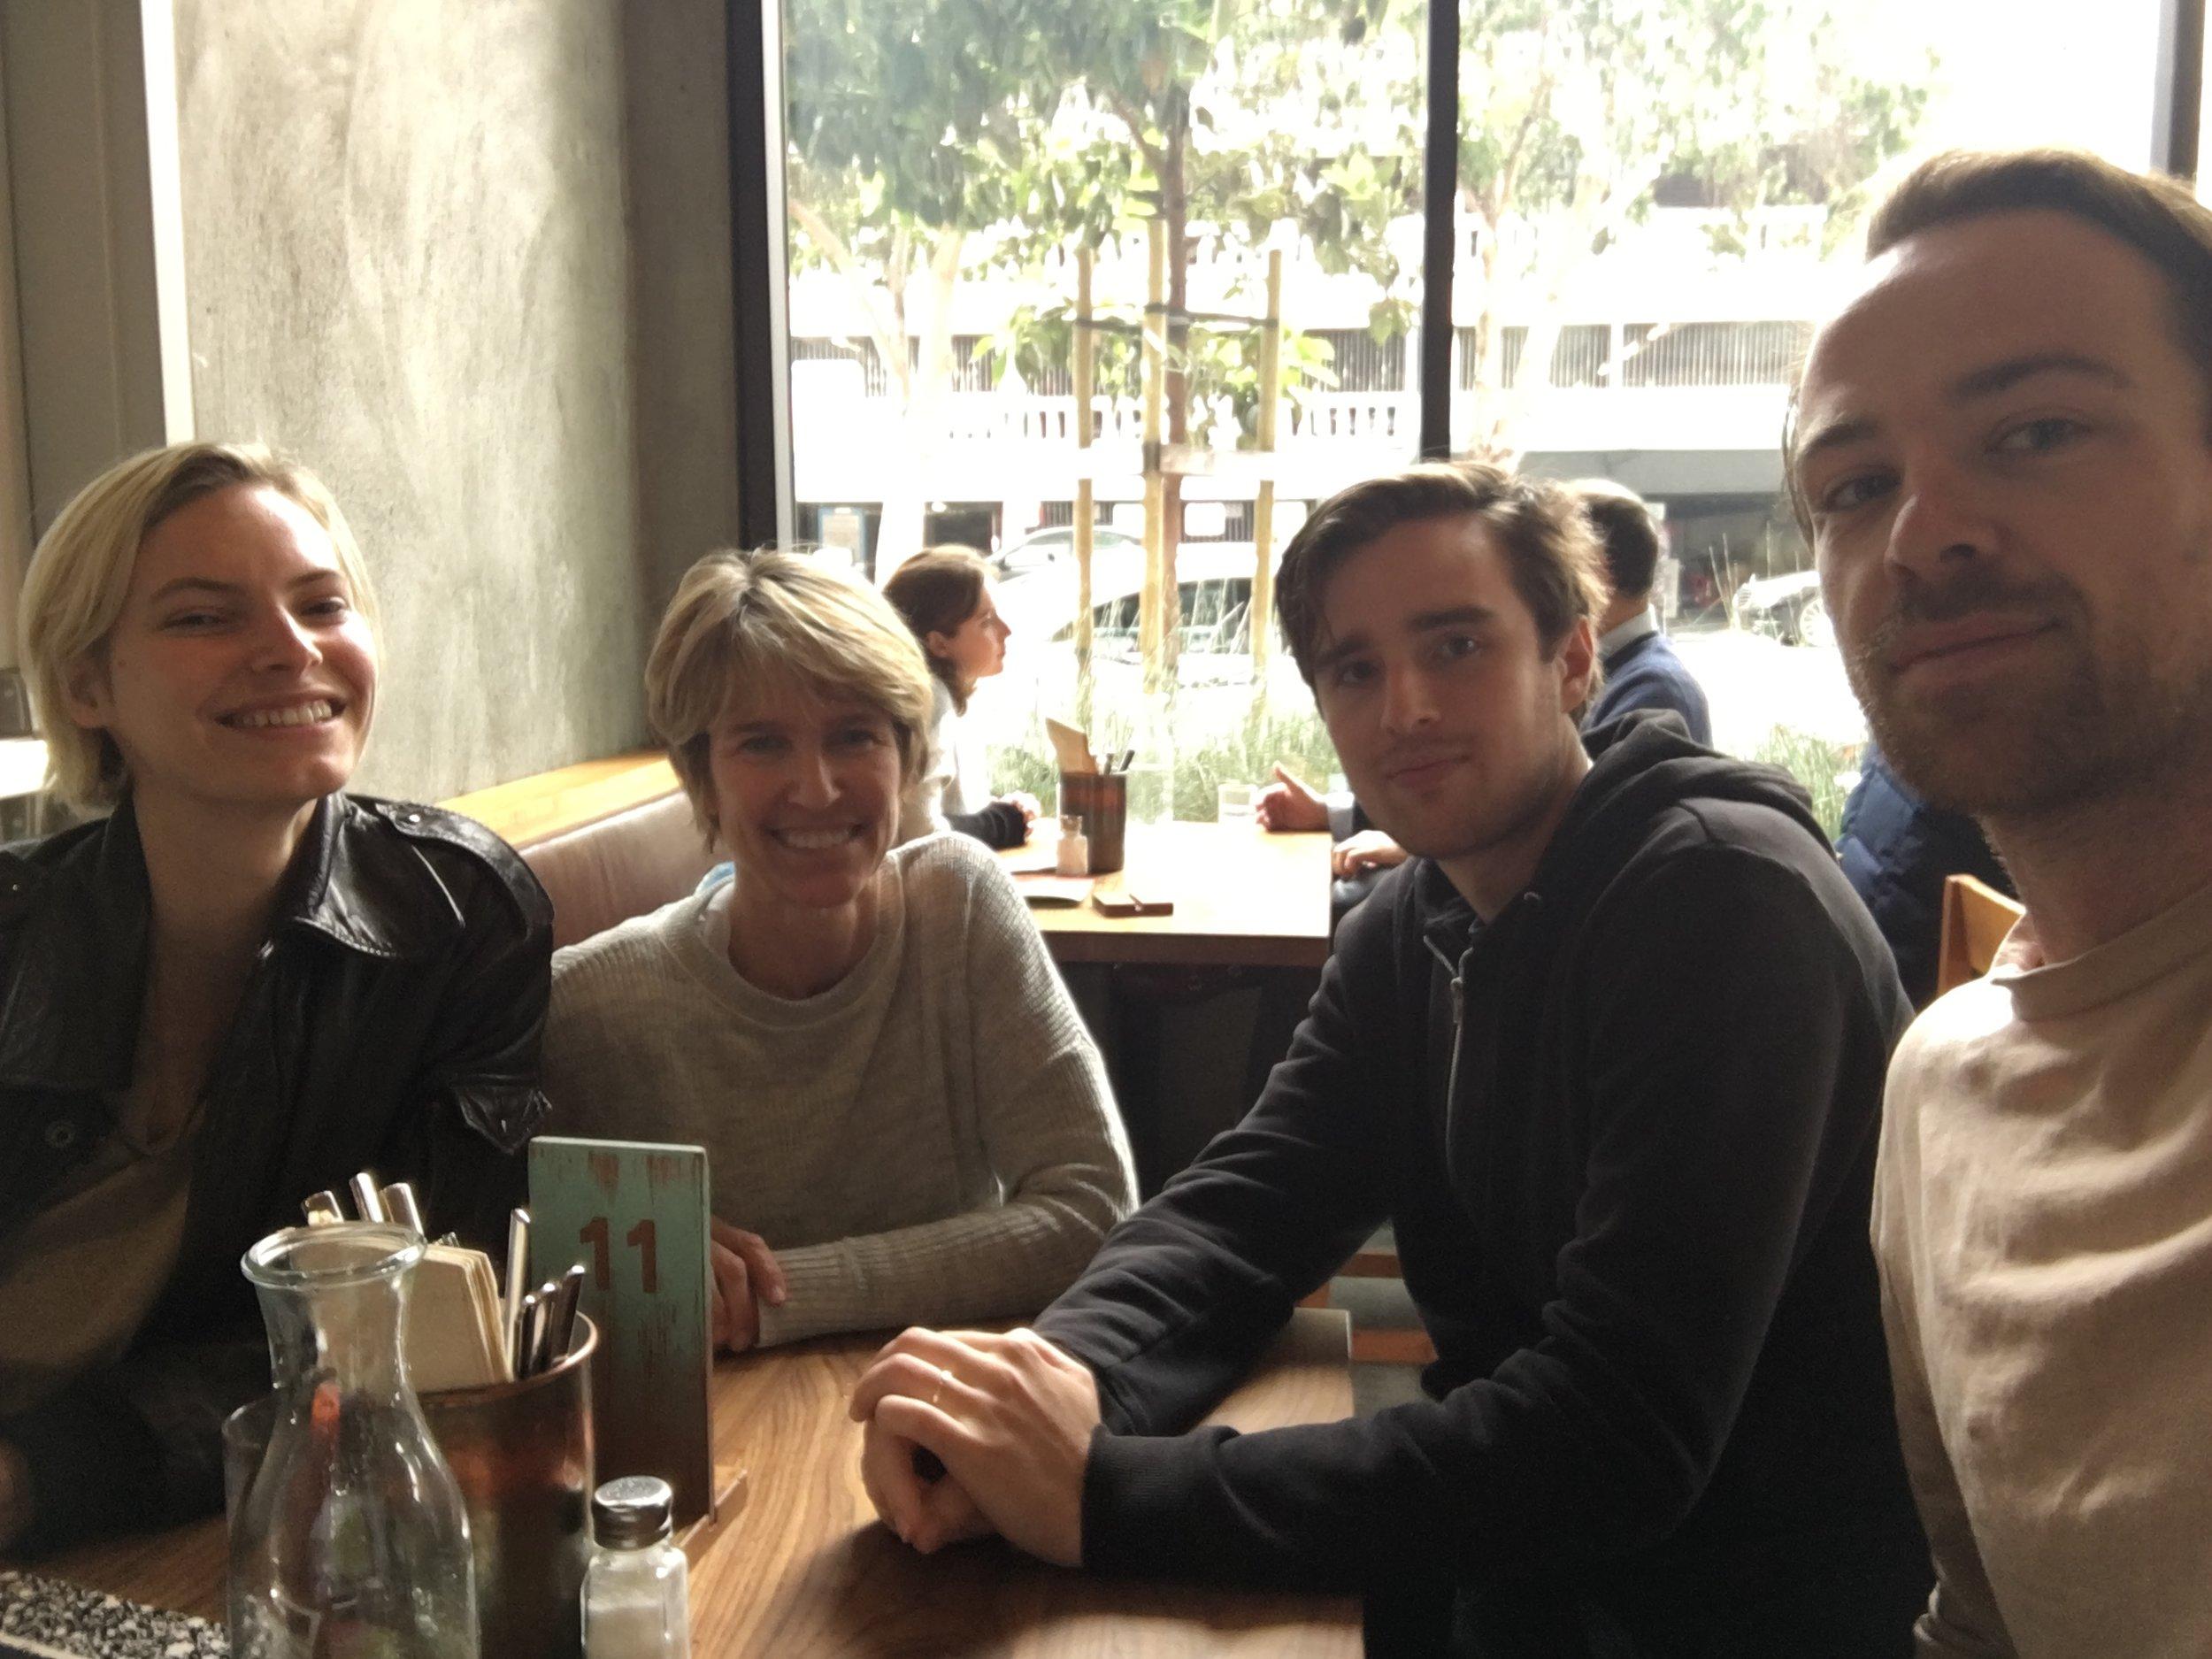 LIlie Hoy, me, James Jackson and Luke Acret.